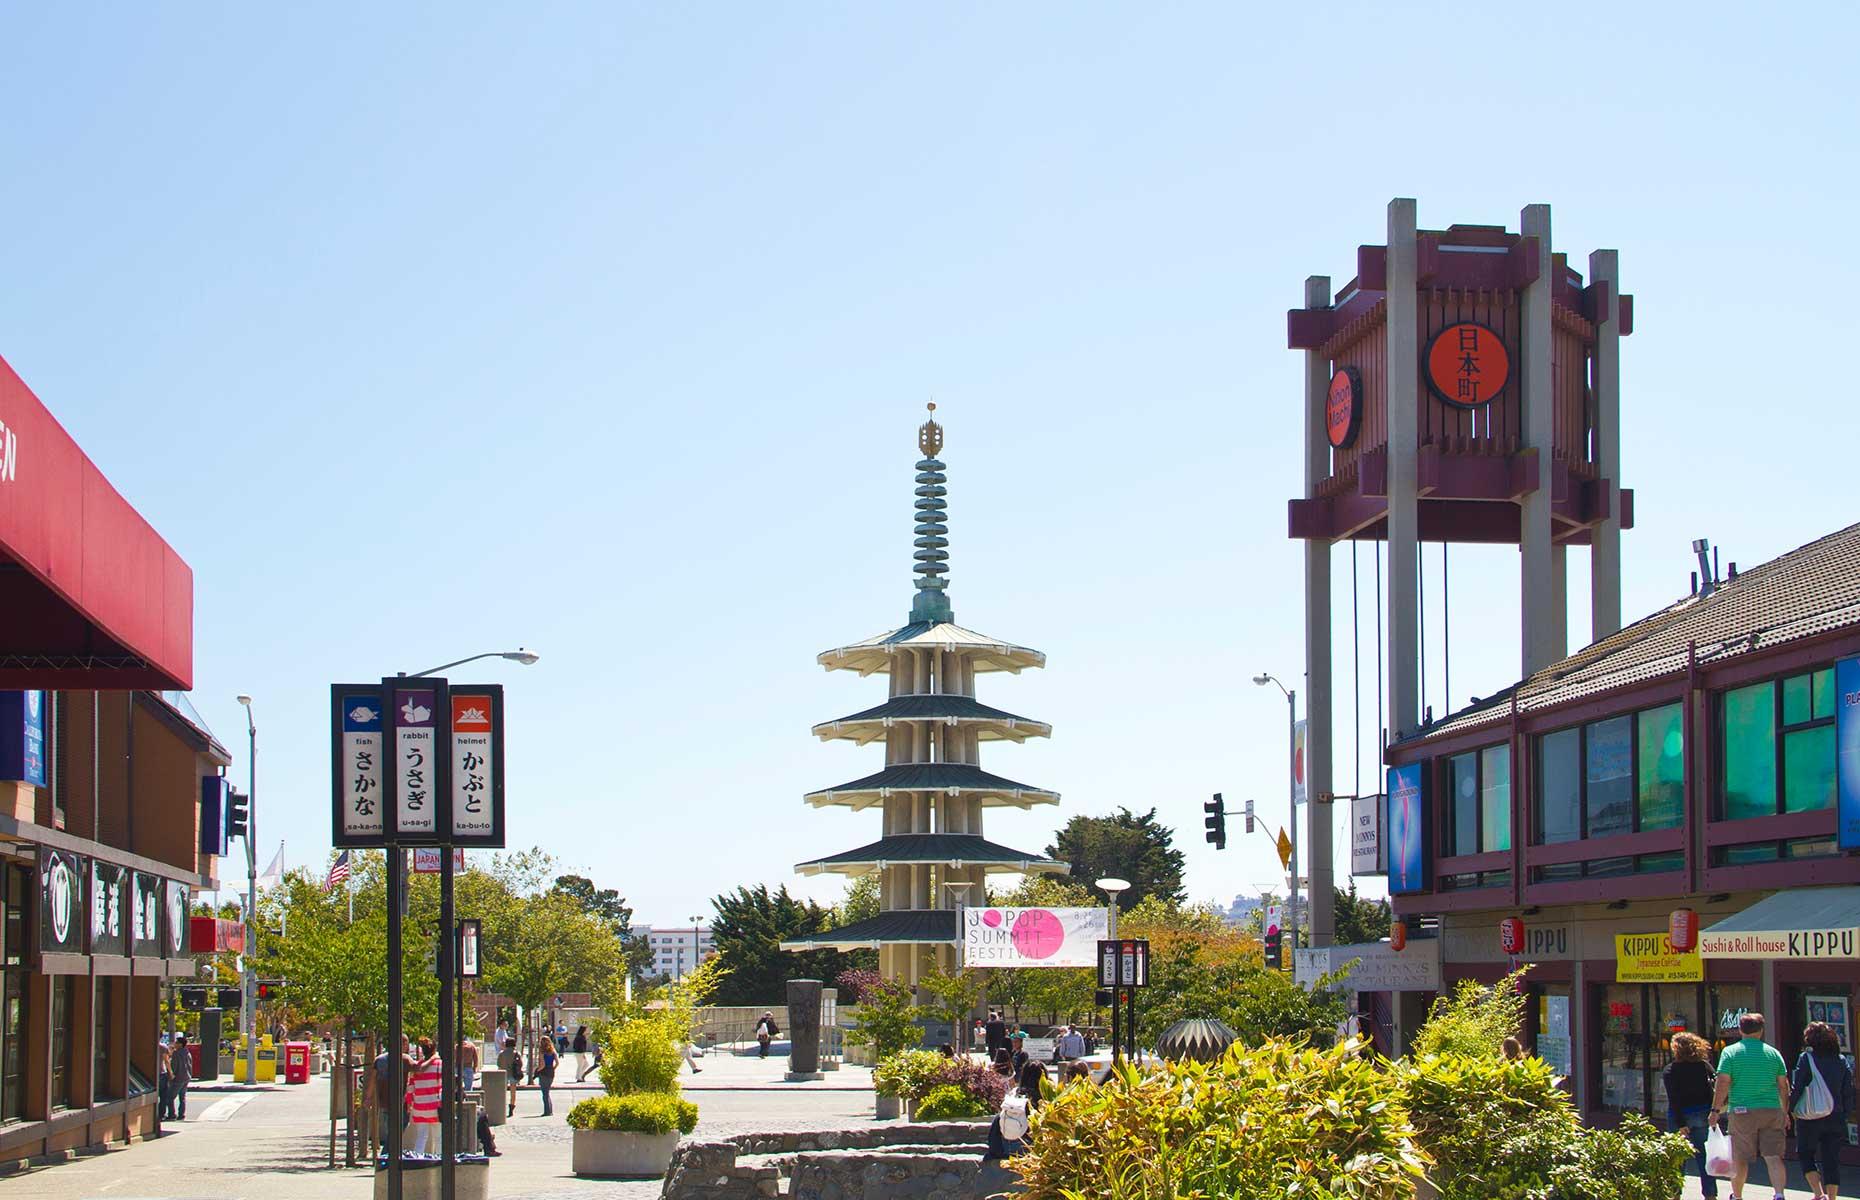 Japantown (Image: Michiko Kurokawa/Shutterstock)